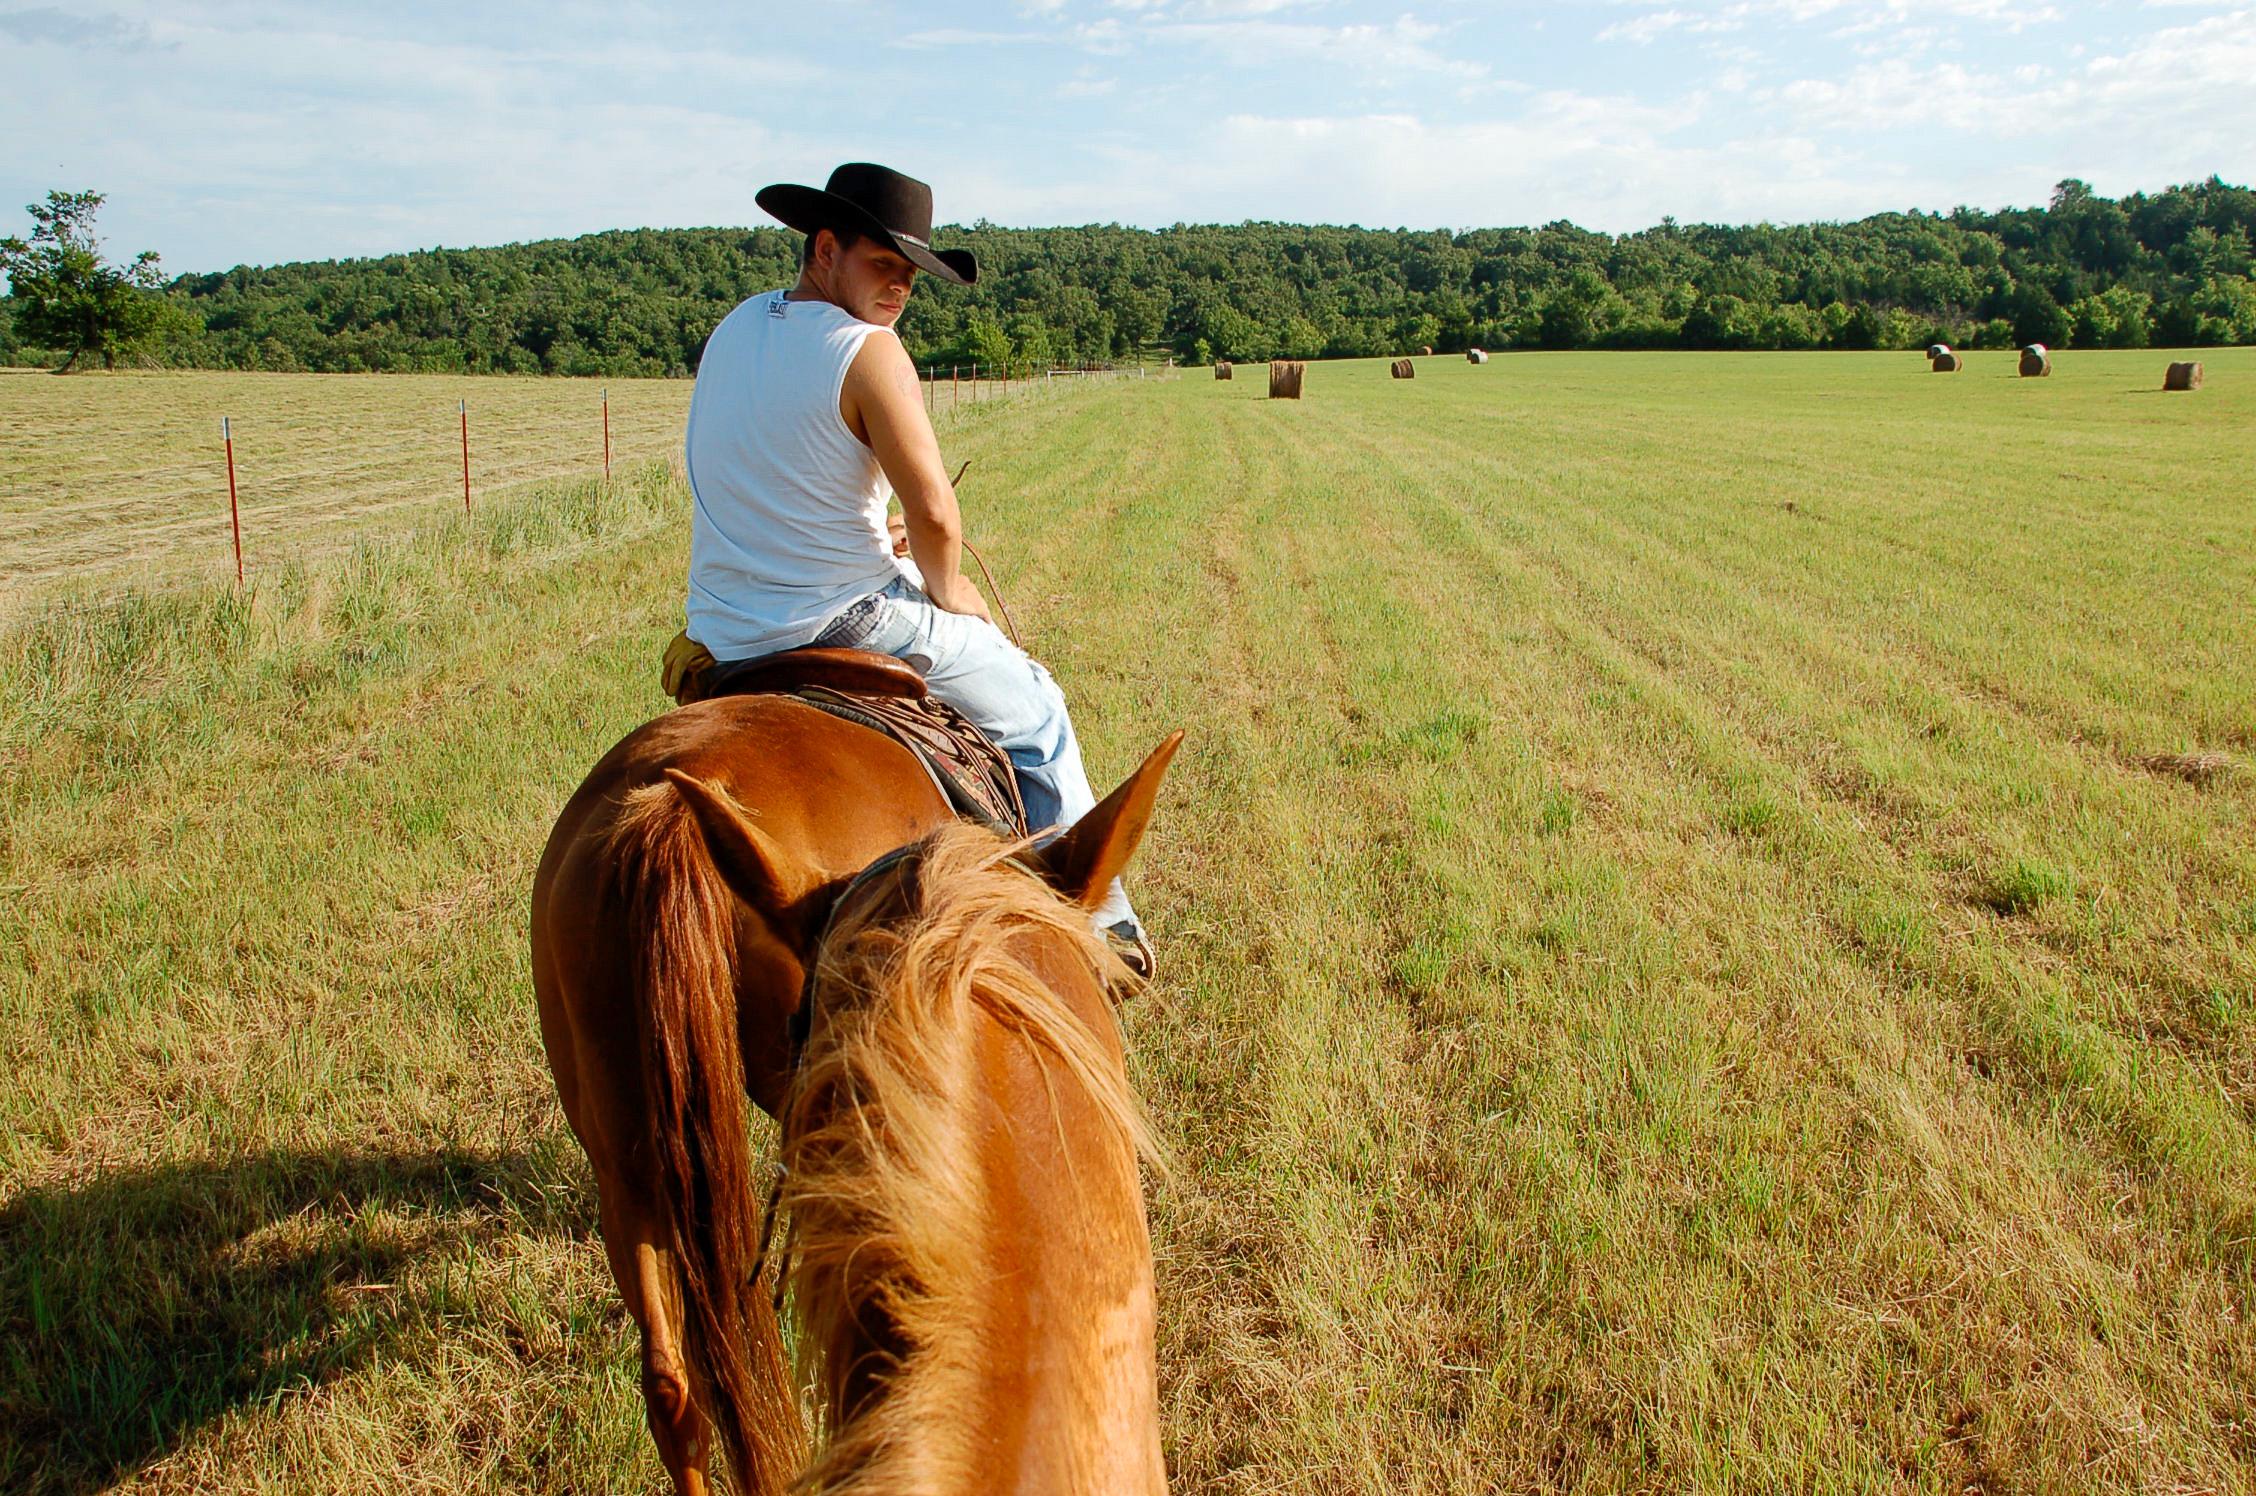 Ein Cowboy kann nicht James heißen - auch das lernen Urlauber auf der Dude Ranch in Oklahoma